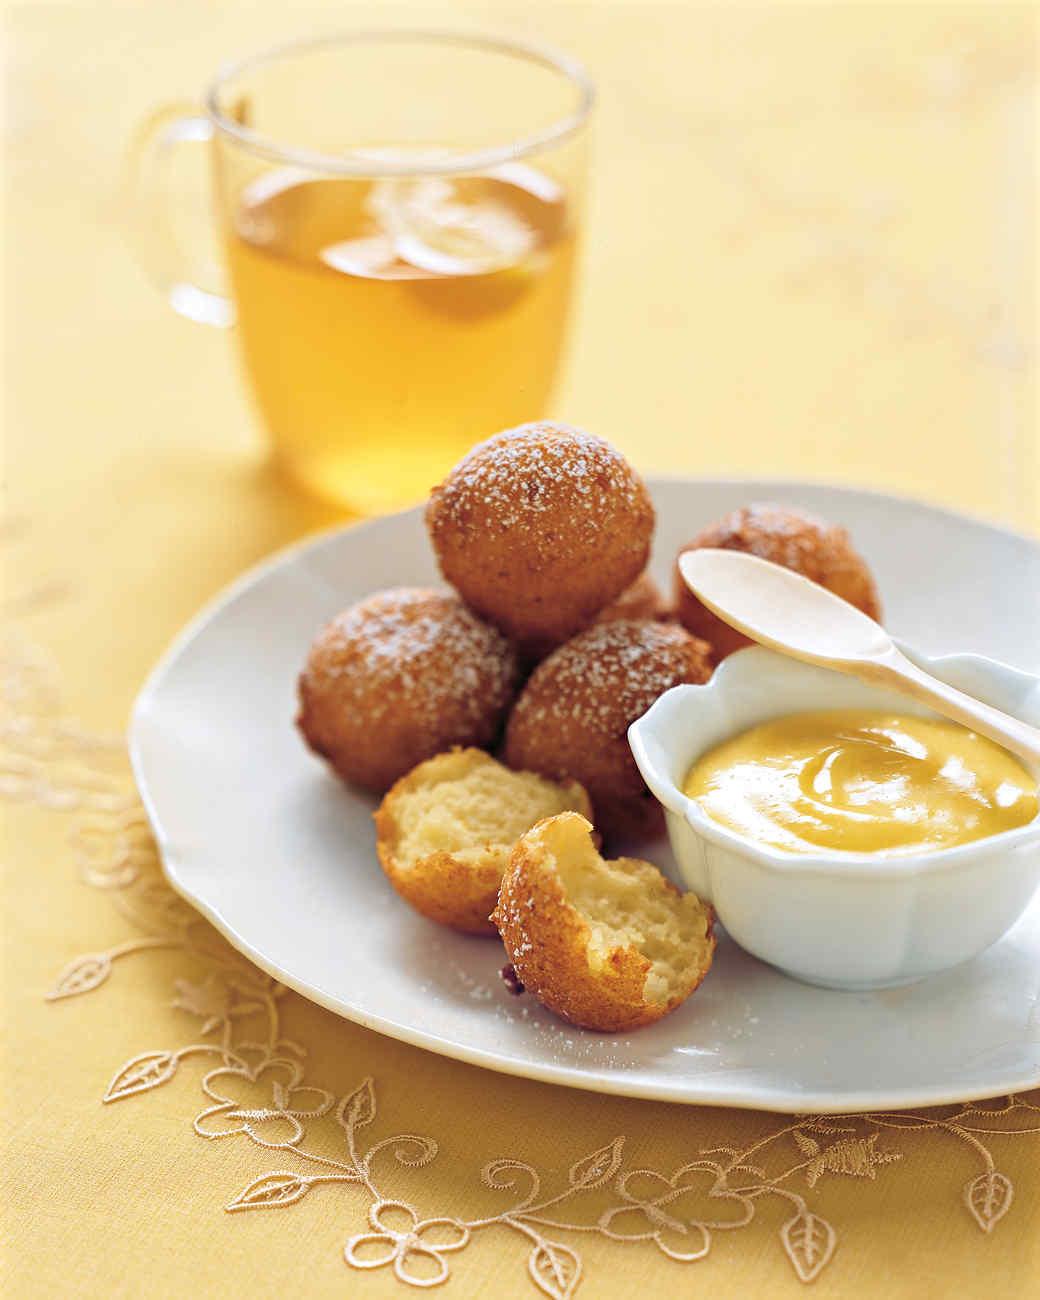 Lemon-Ricotta Fritters with Lemon Curd